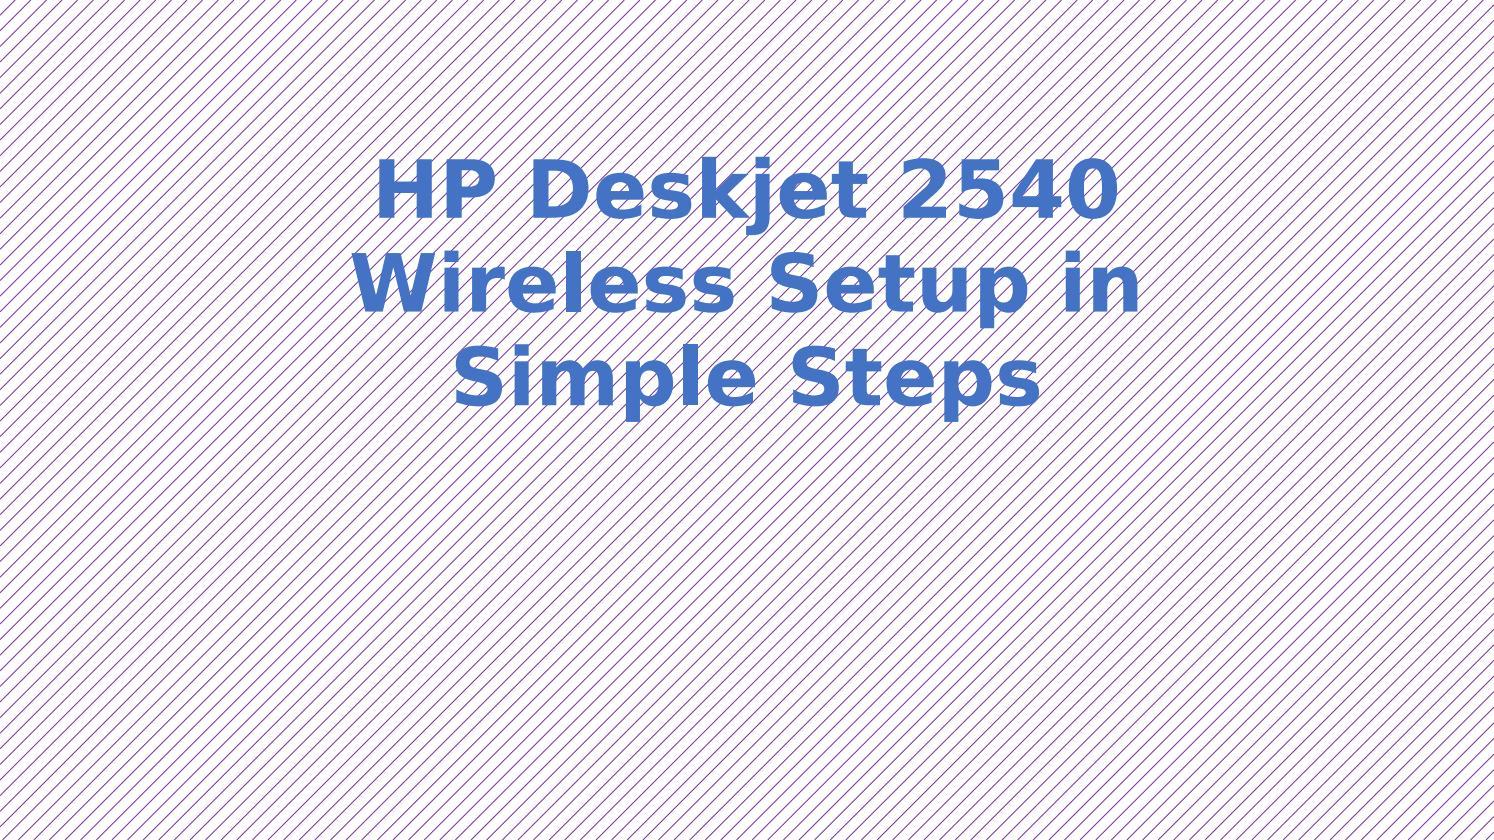 HP Deskjet 2540 Wireless Setup in Simple steps by techiebee18 - issuu